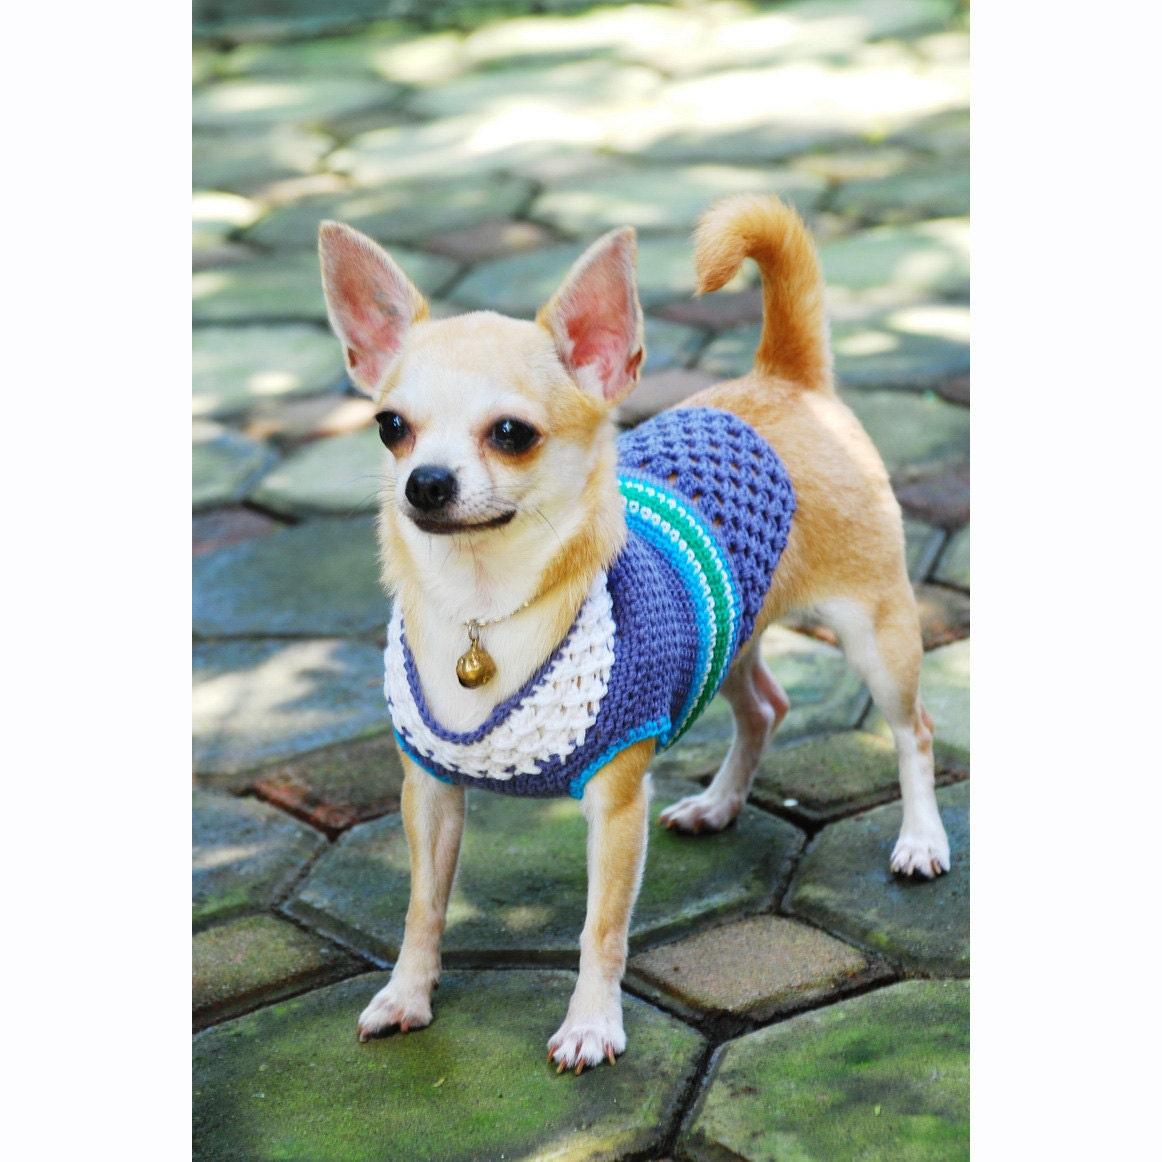 Crochet Xxs Dog Sweater : Blue Turquoise XXS Dog Clothes Handmade Crochet Cotton by myknitt